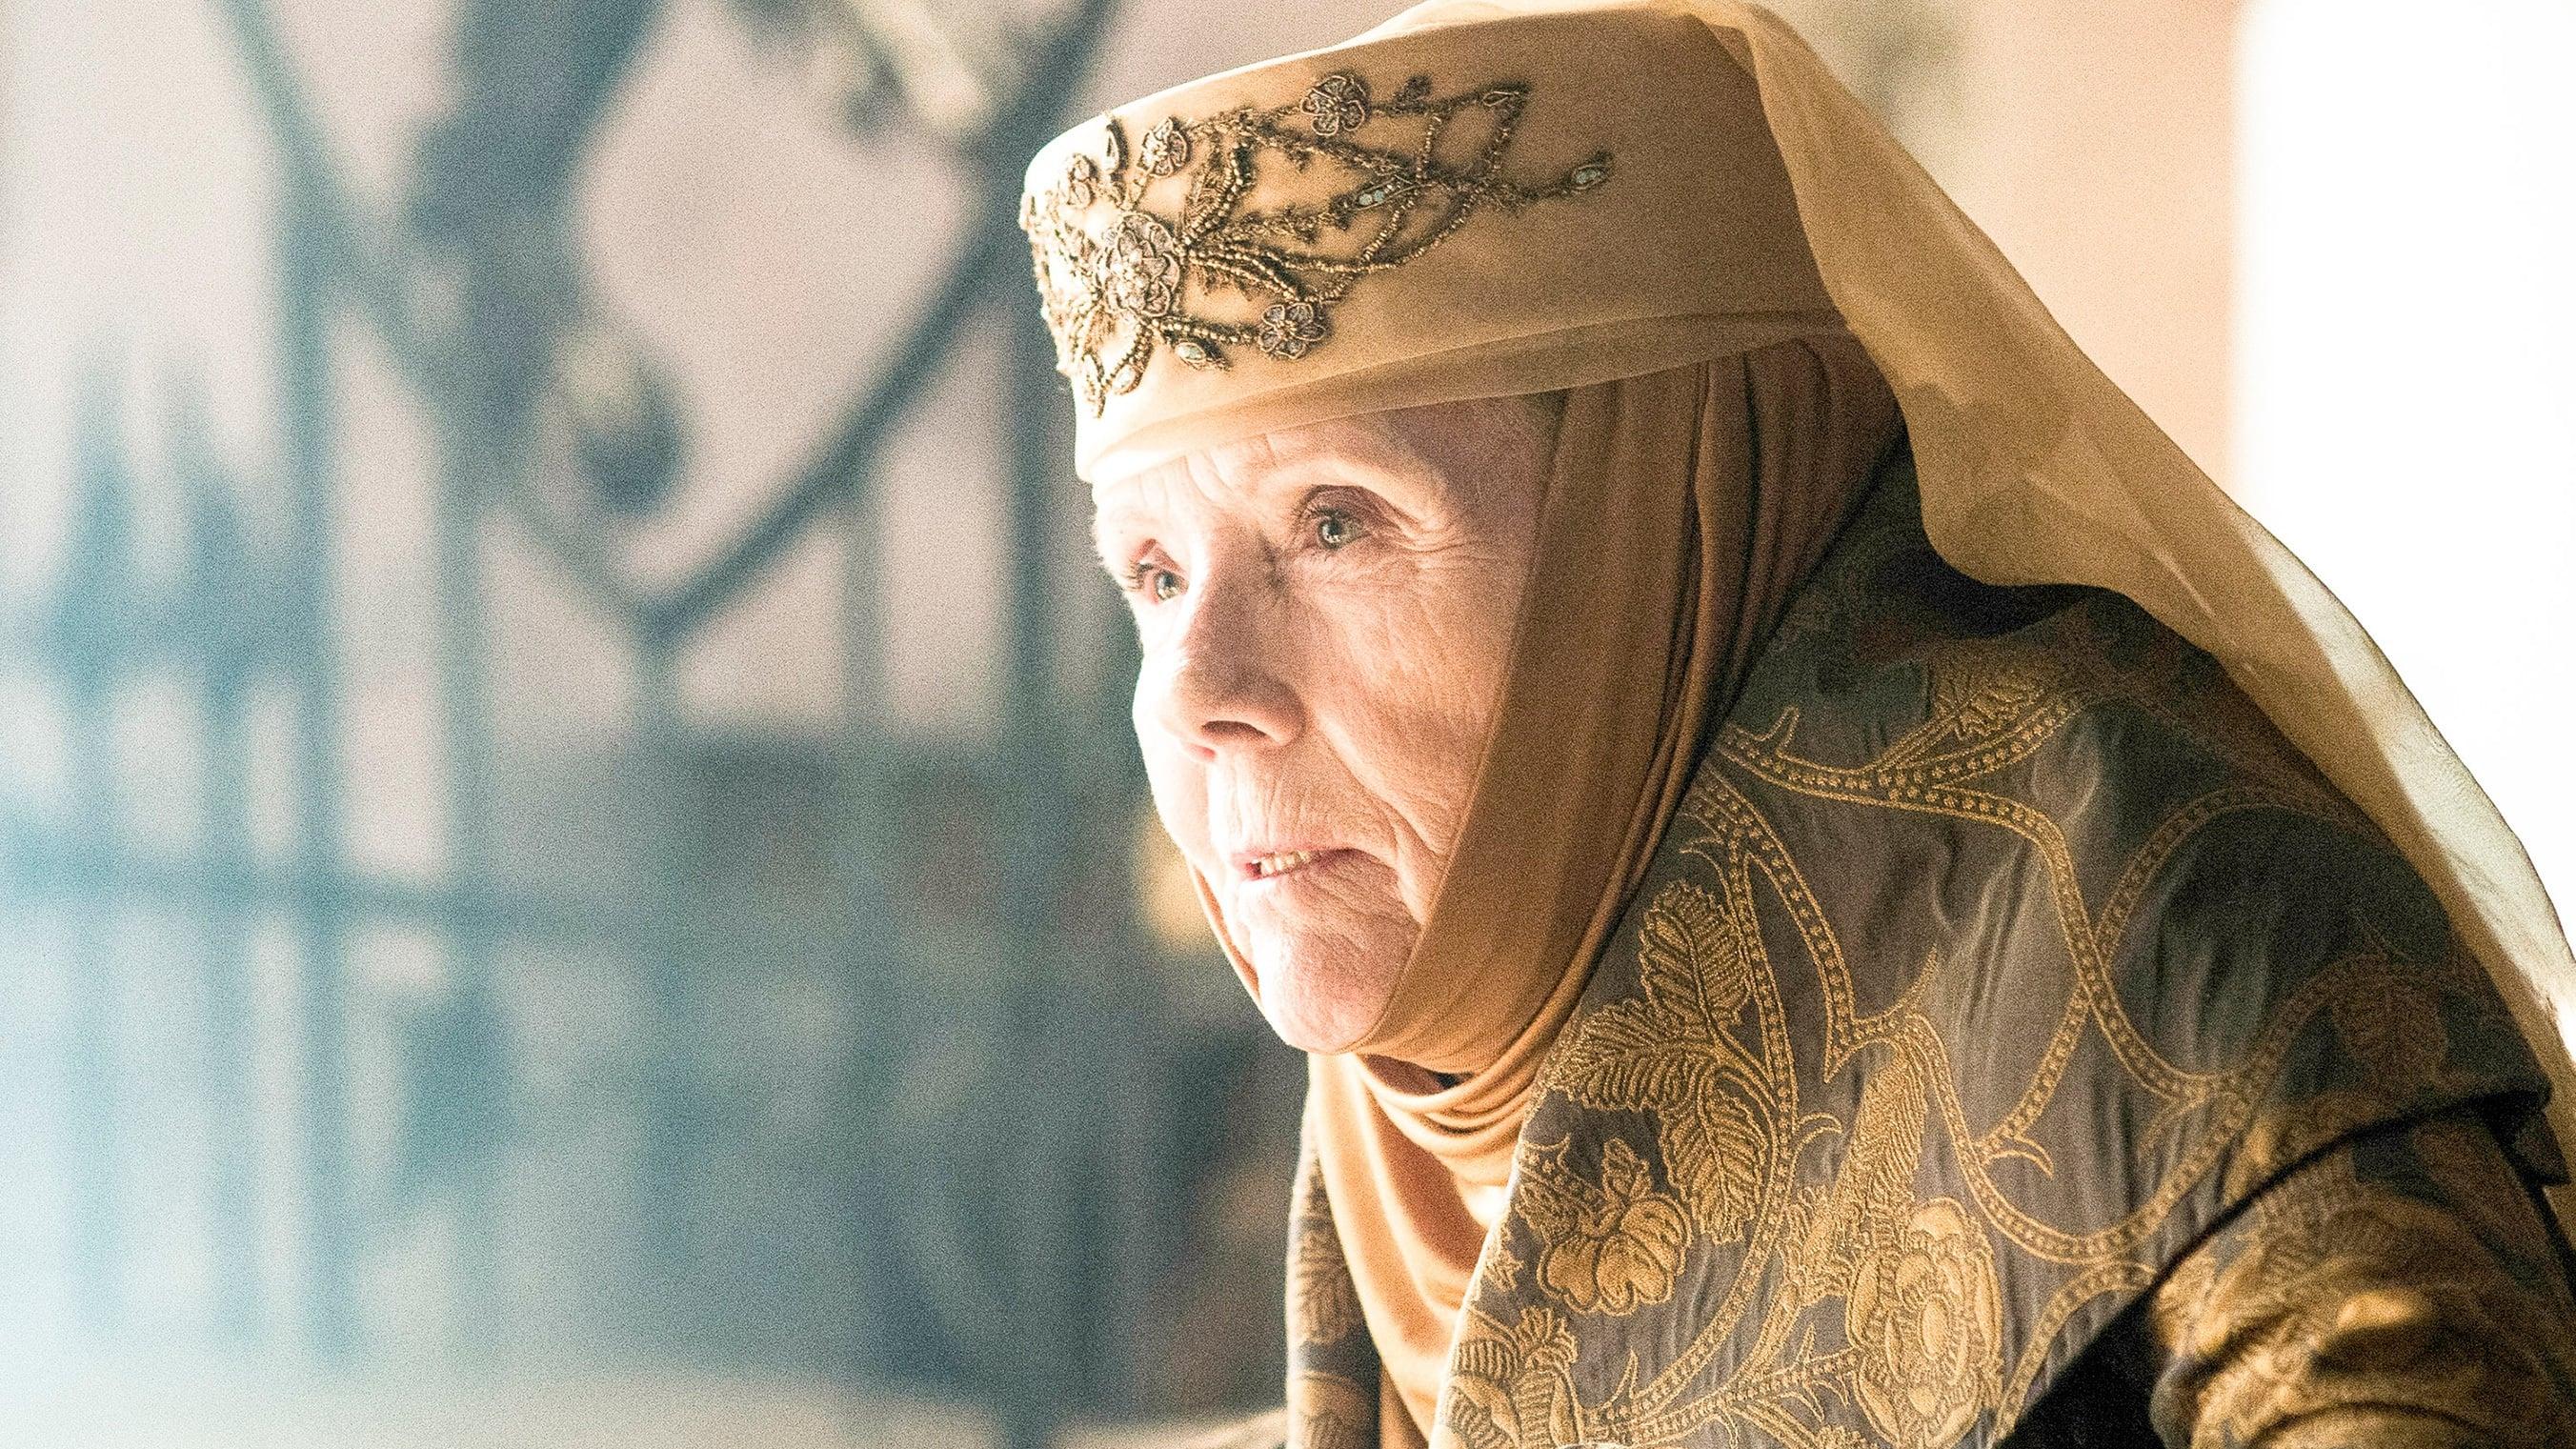 Watch Game Of Thrones Season 5 Episode 6 Full Episode Stream Online Onionplay